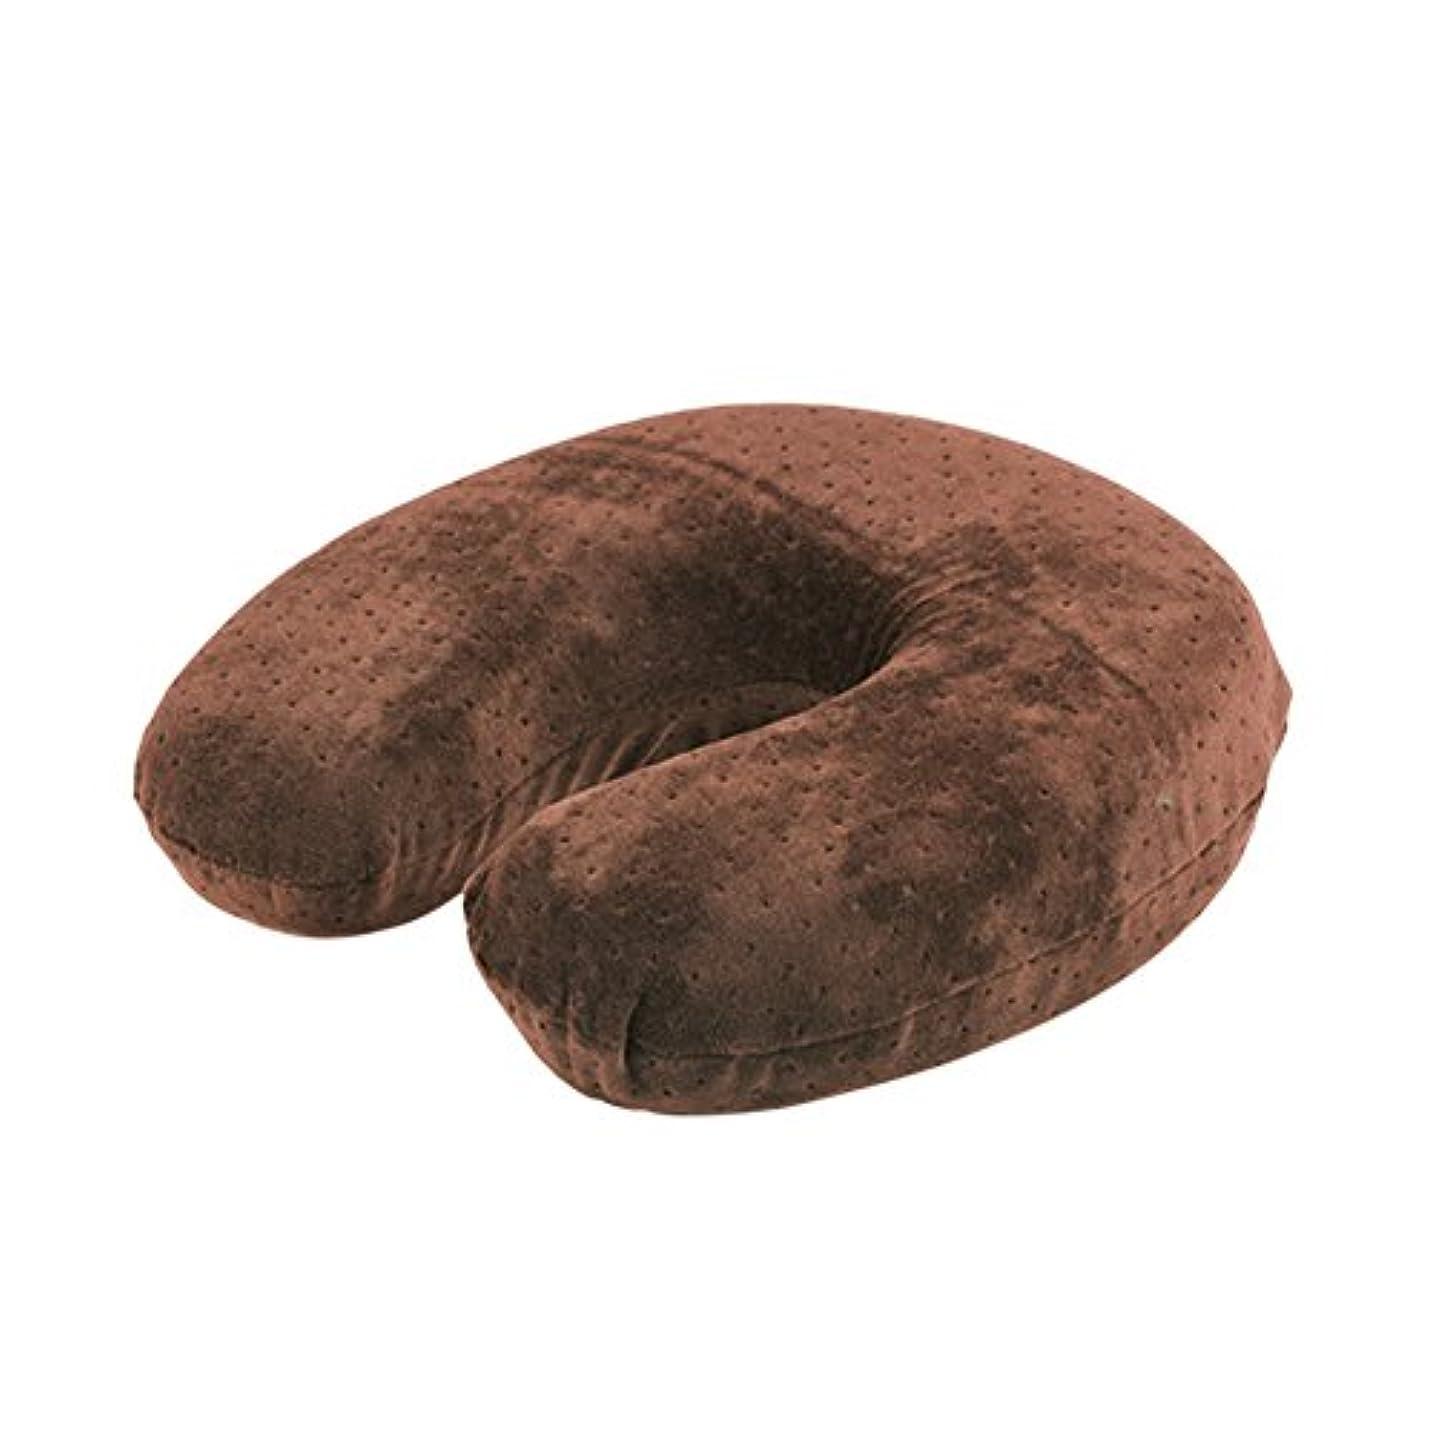 移植プラスバイパスU字型枕、ビロードの反発の記憶泡の首の頭部の頚部枕残り旅行クッション(Brown)